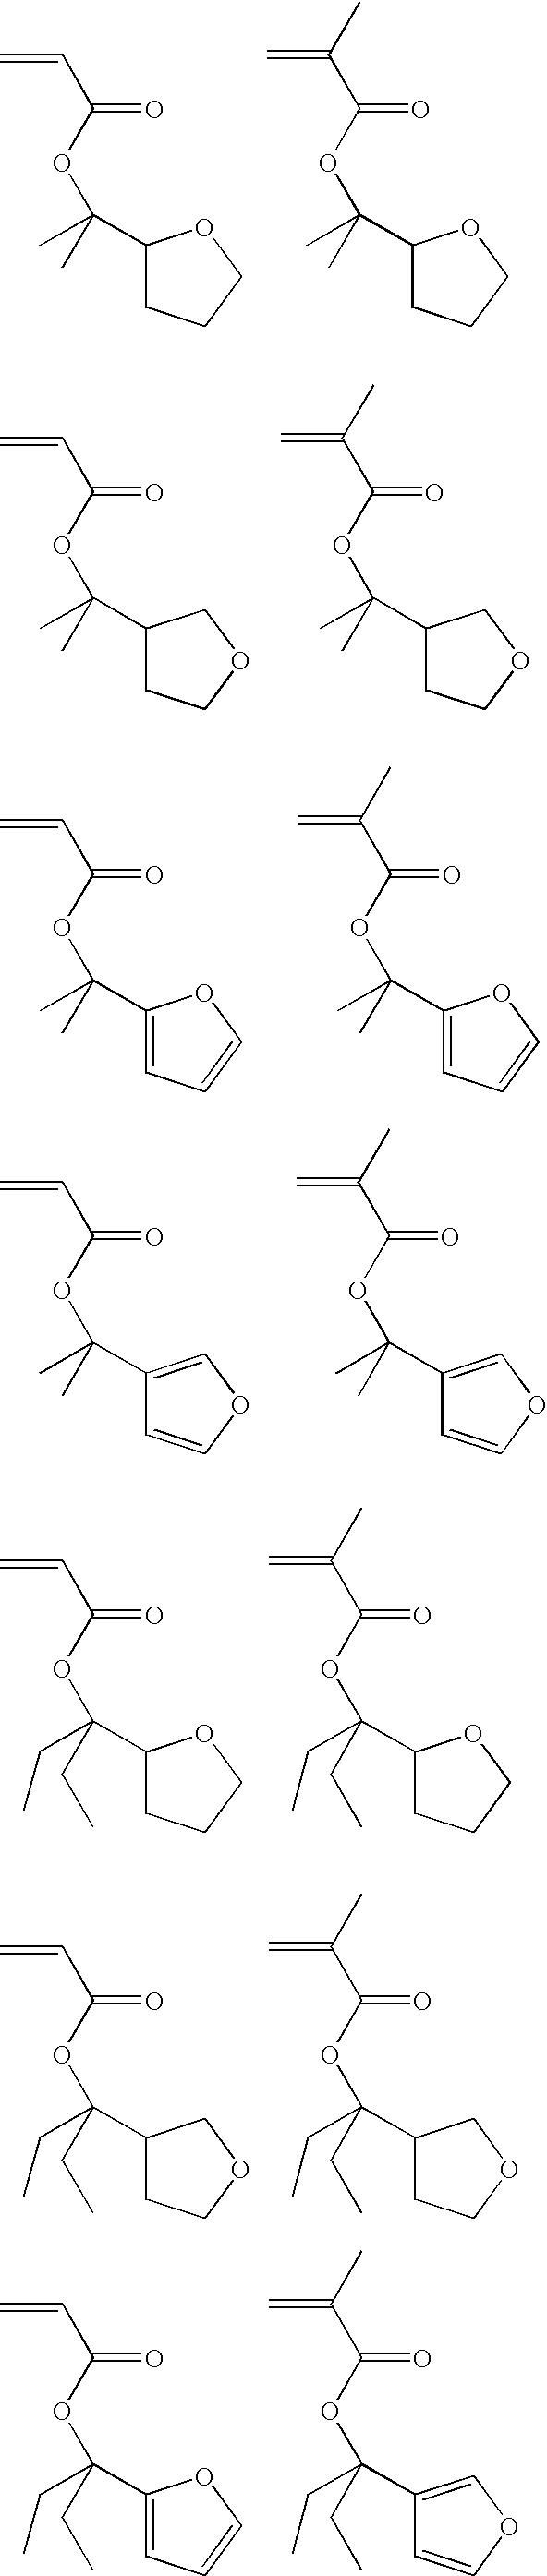 Figure US08057982-20111115-C00042